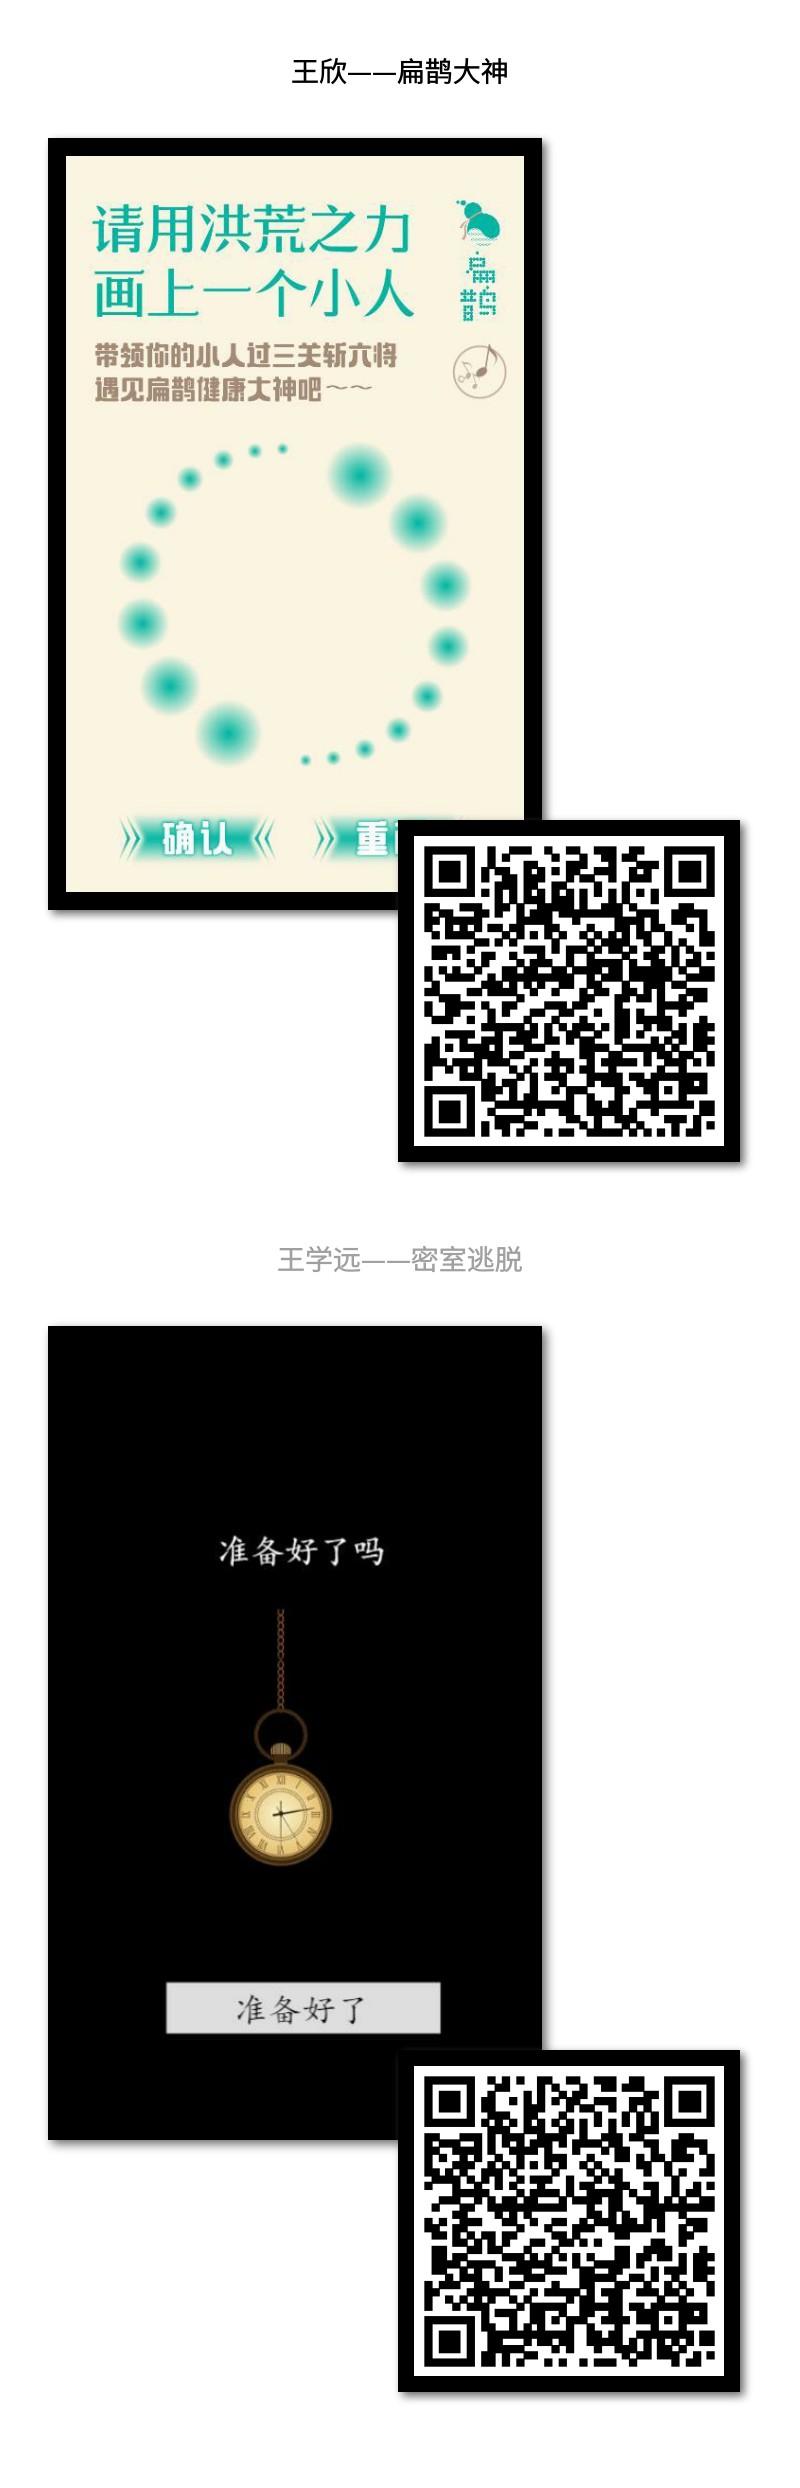 4_(2).jpg